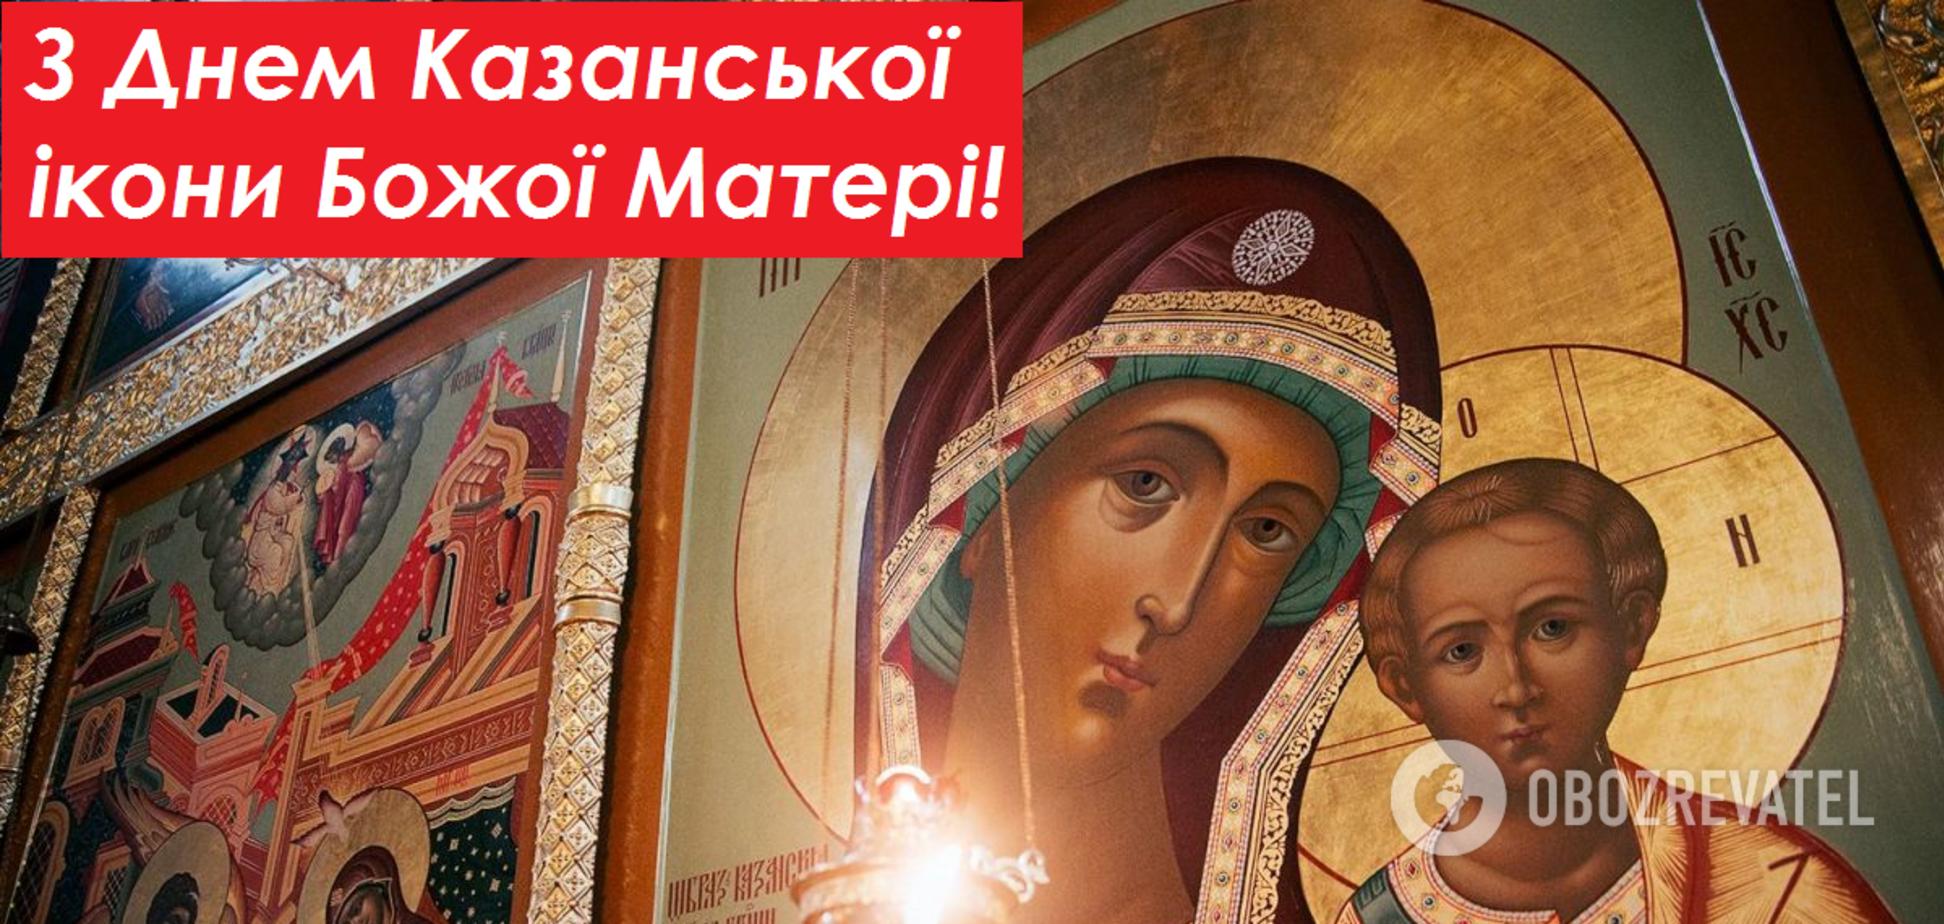 4 листопада православні відзначають День Казанської ікони Божої Матері